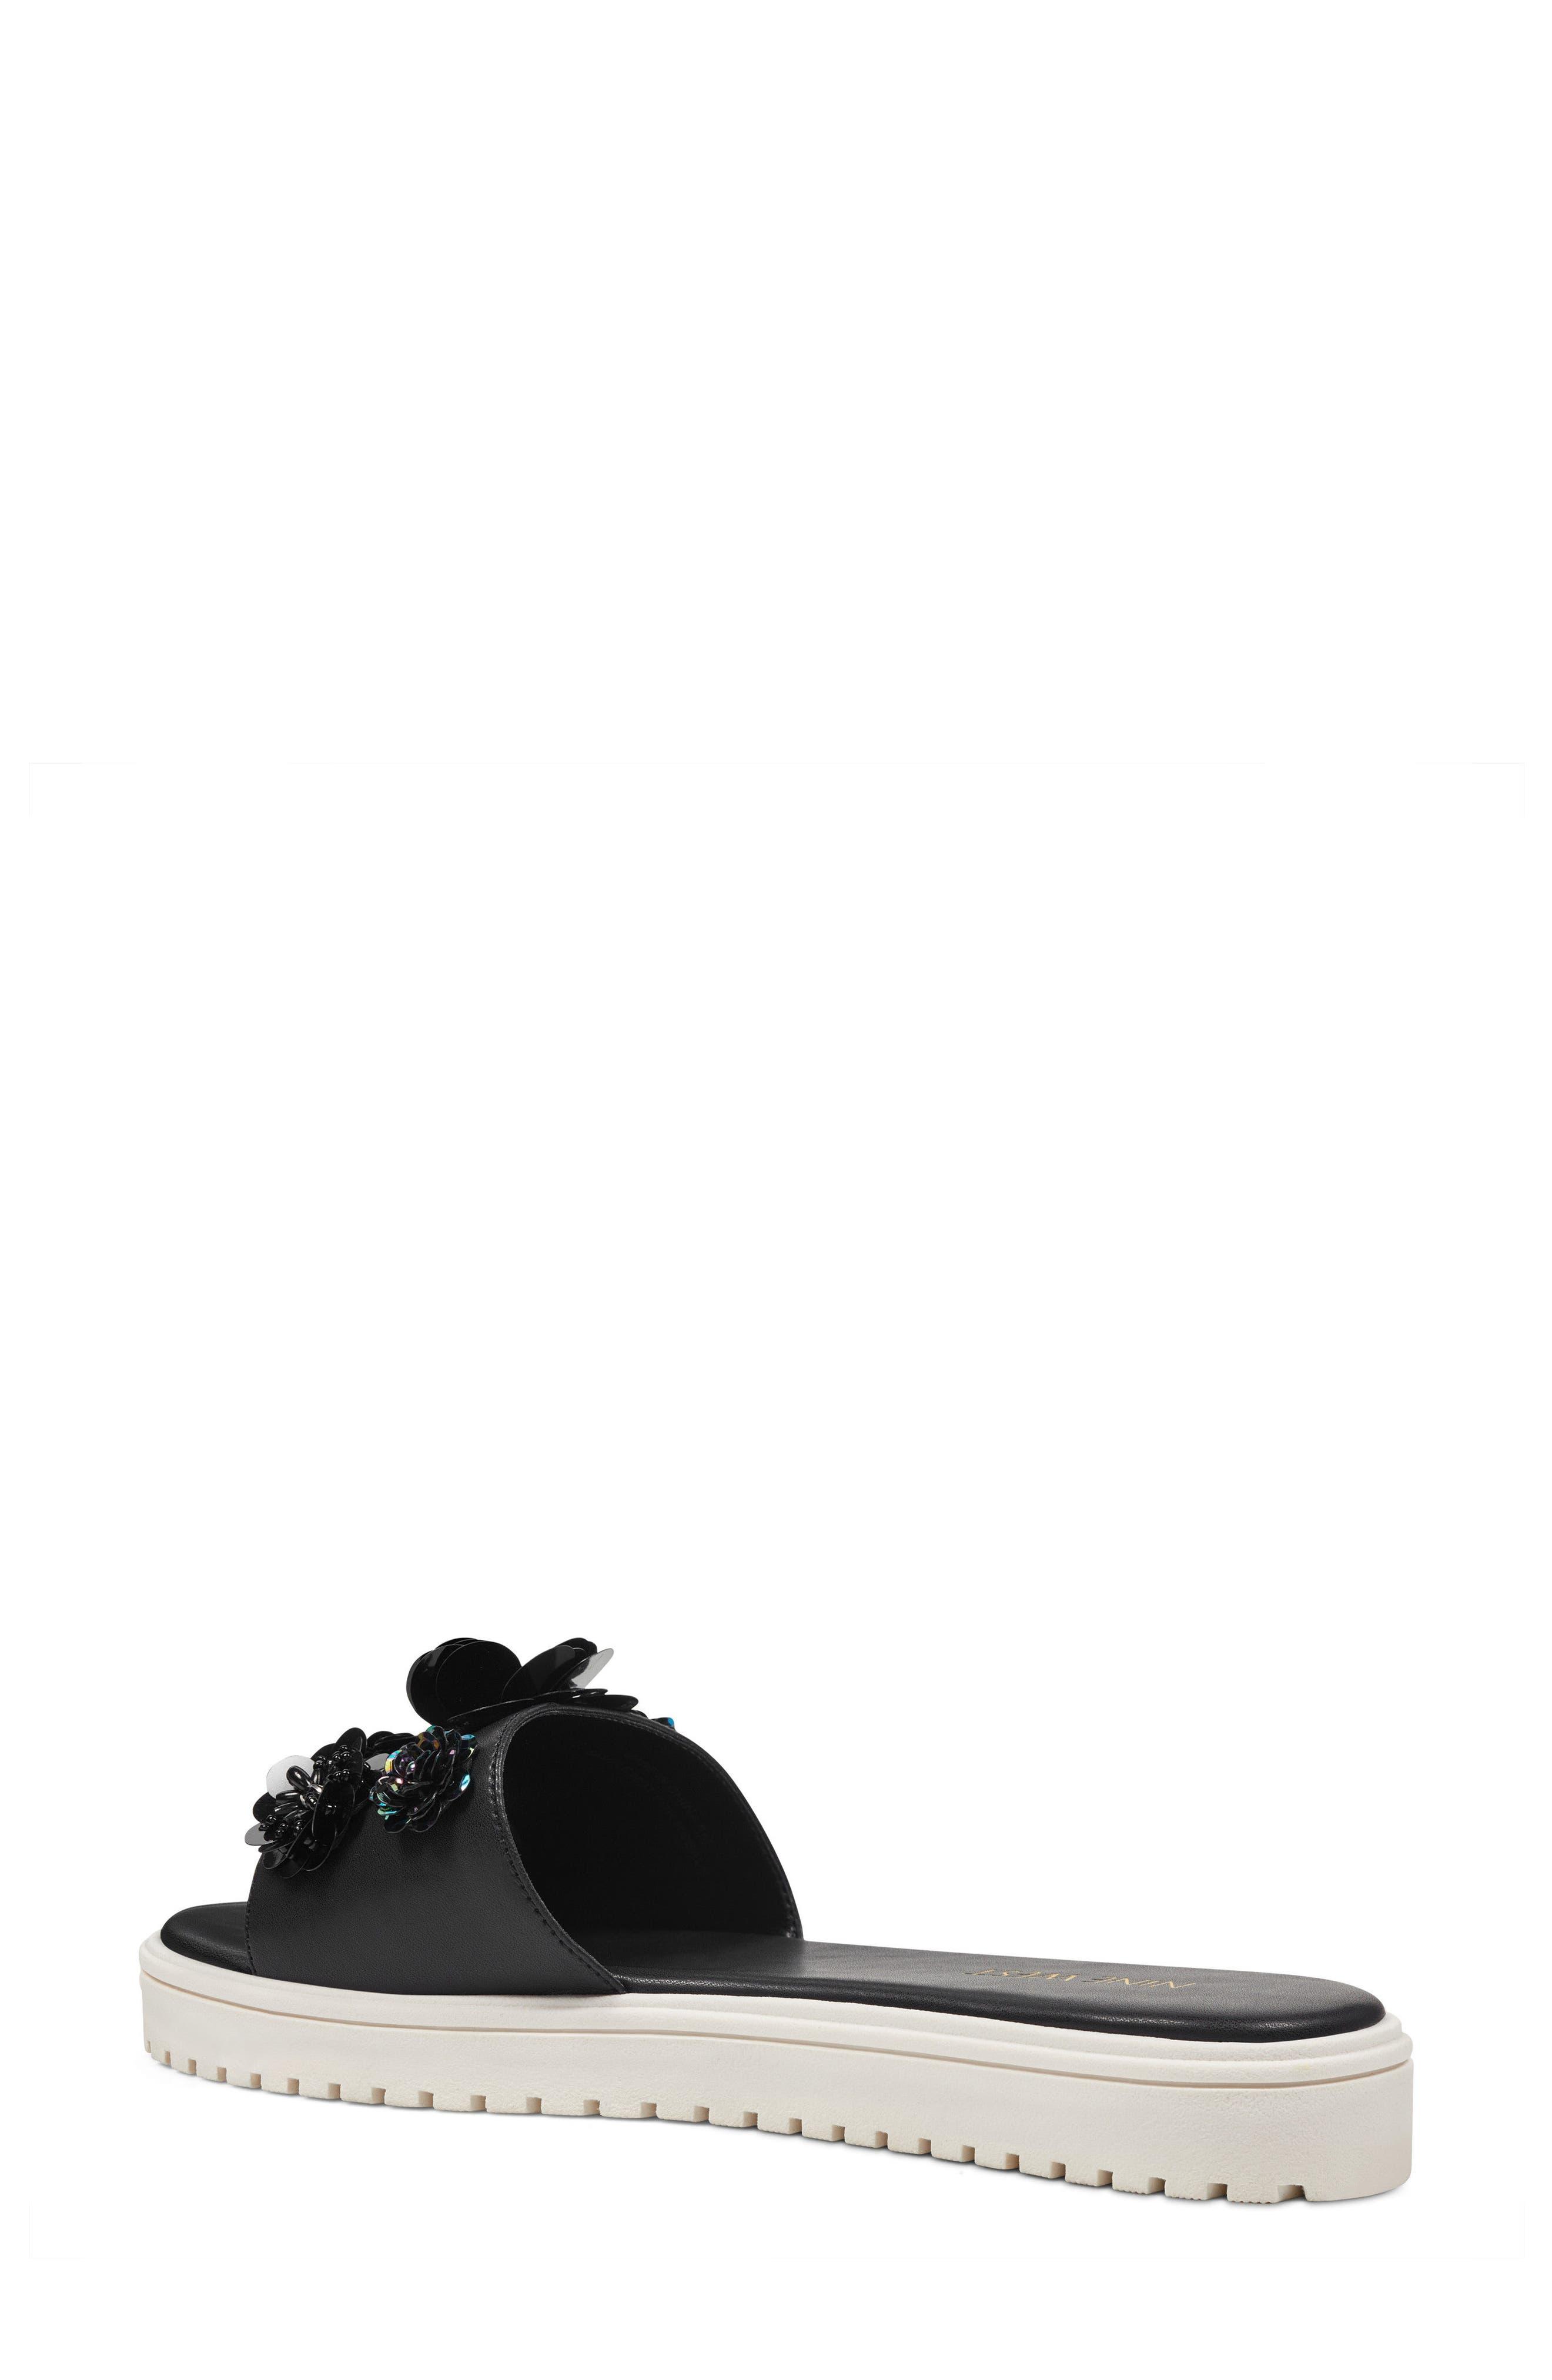 Rainen Flower Embellished Slide Sandal,                             Alternate thumbnail 2, color,                             Black Fabric